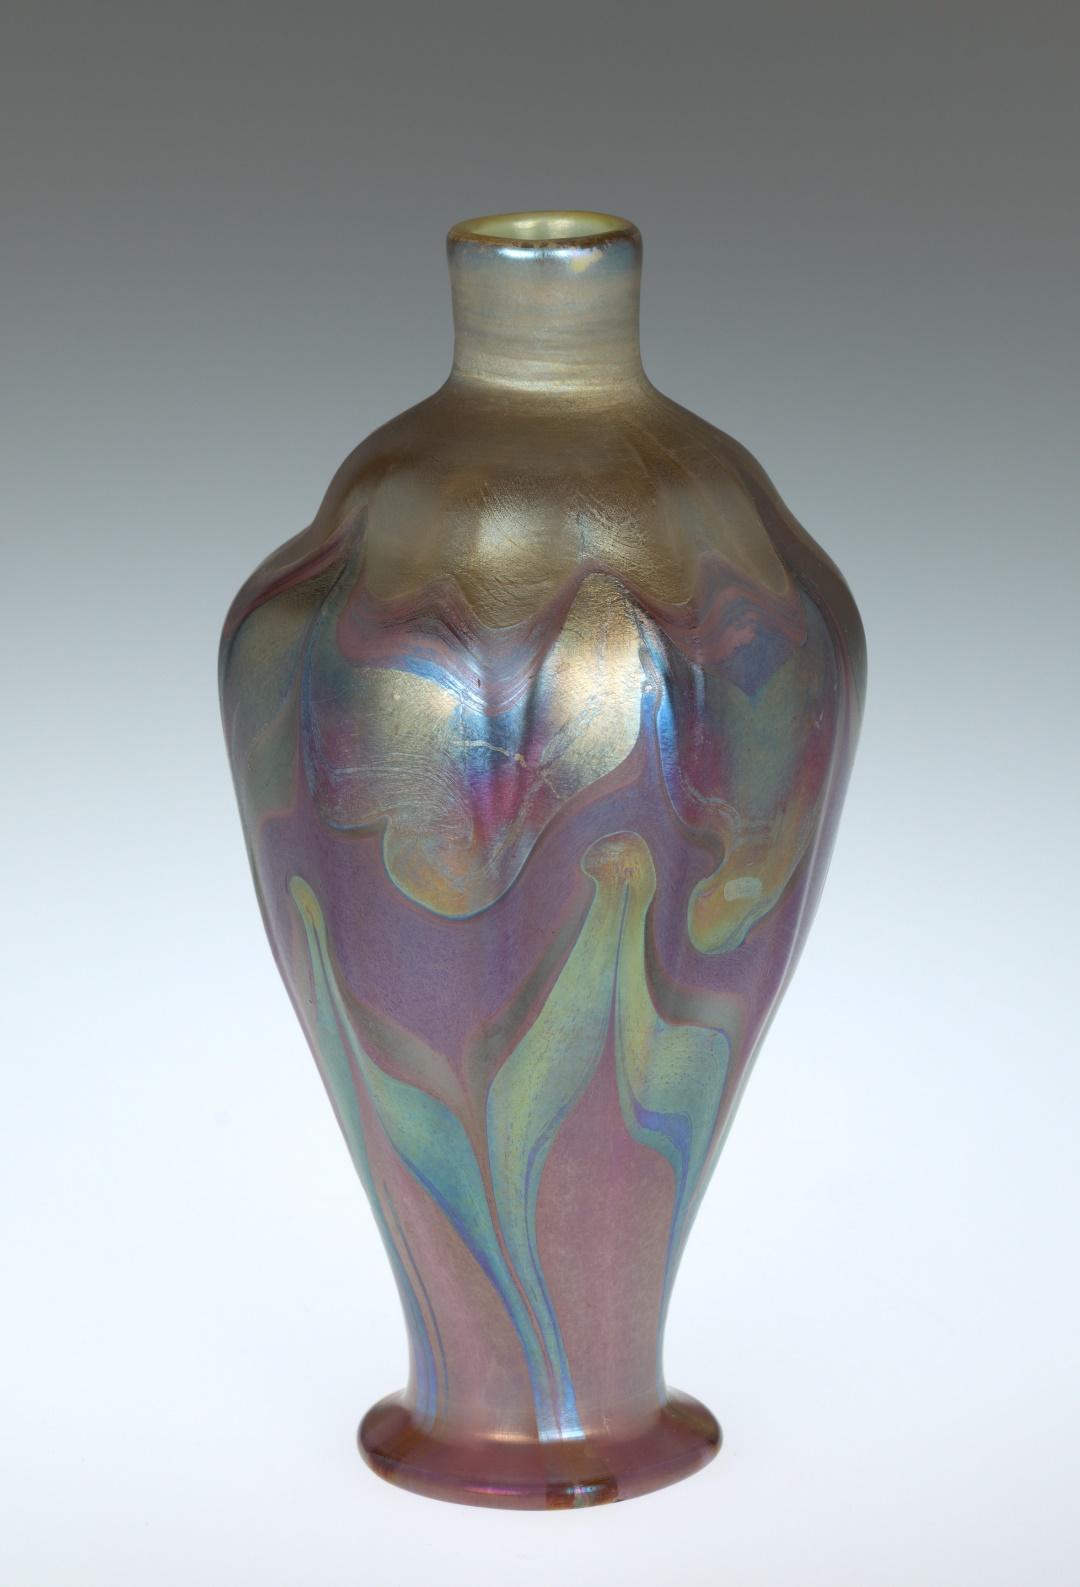 Tiffany Vase, 1905-10